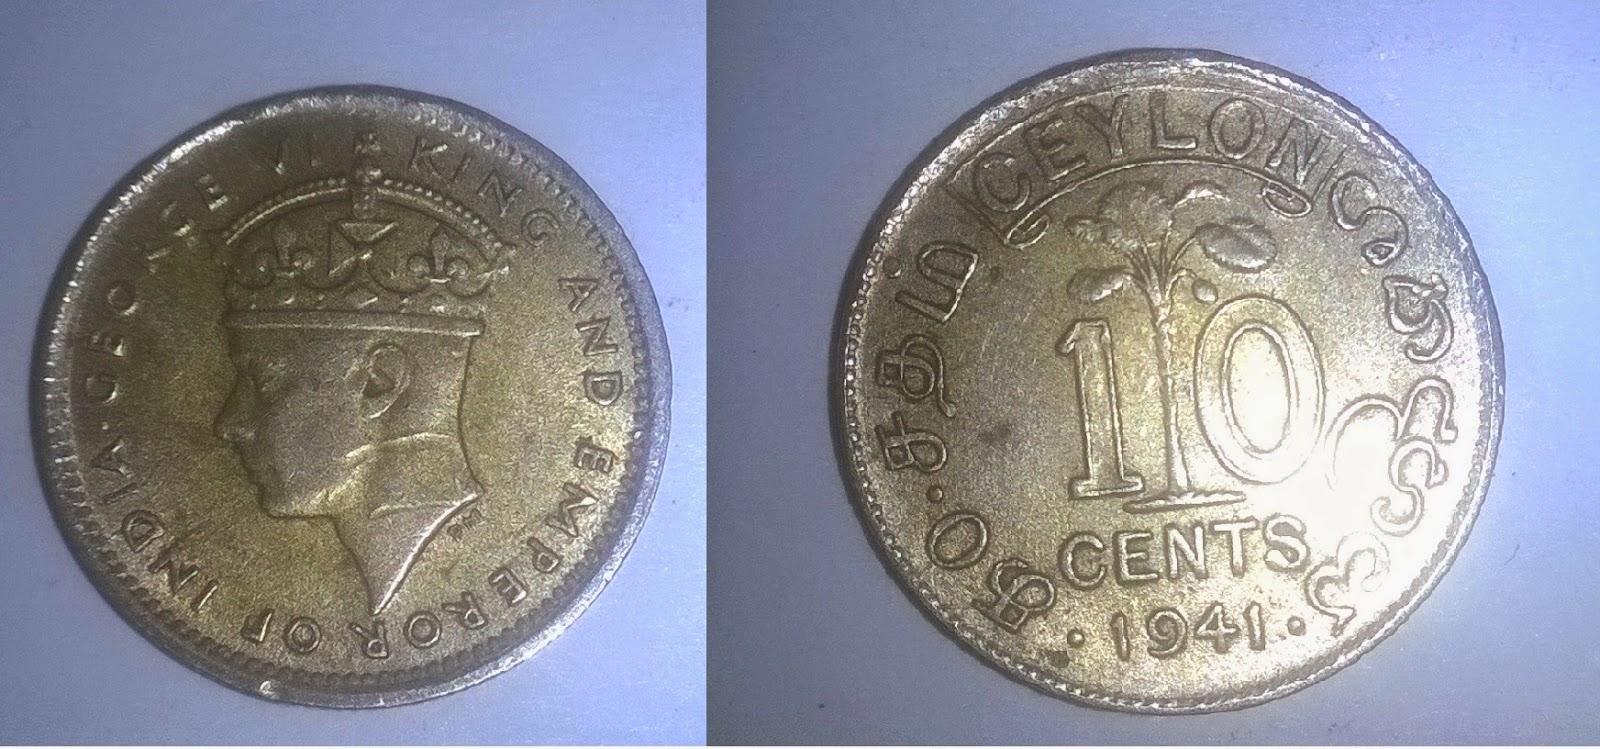 Fonseka's Coin Collection: Sri Lanka